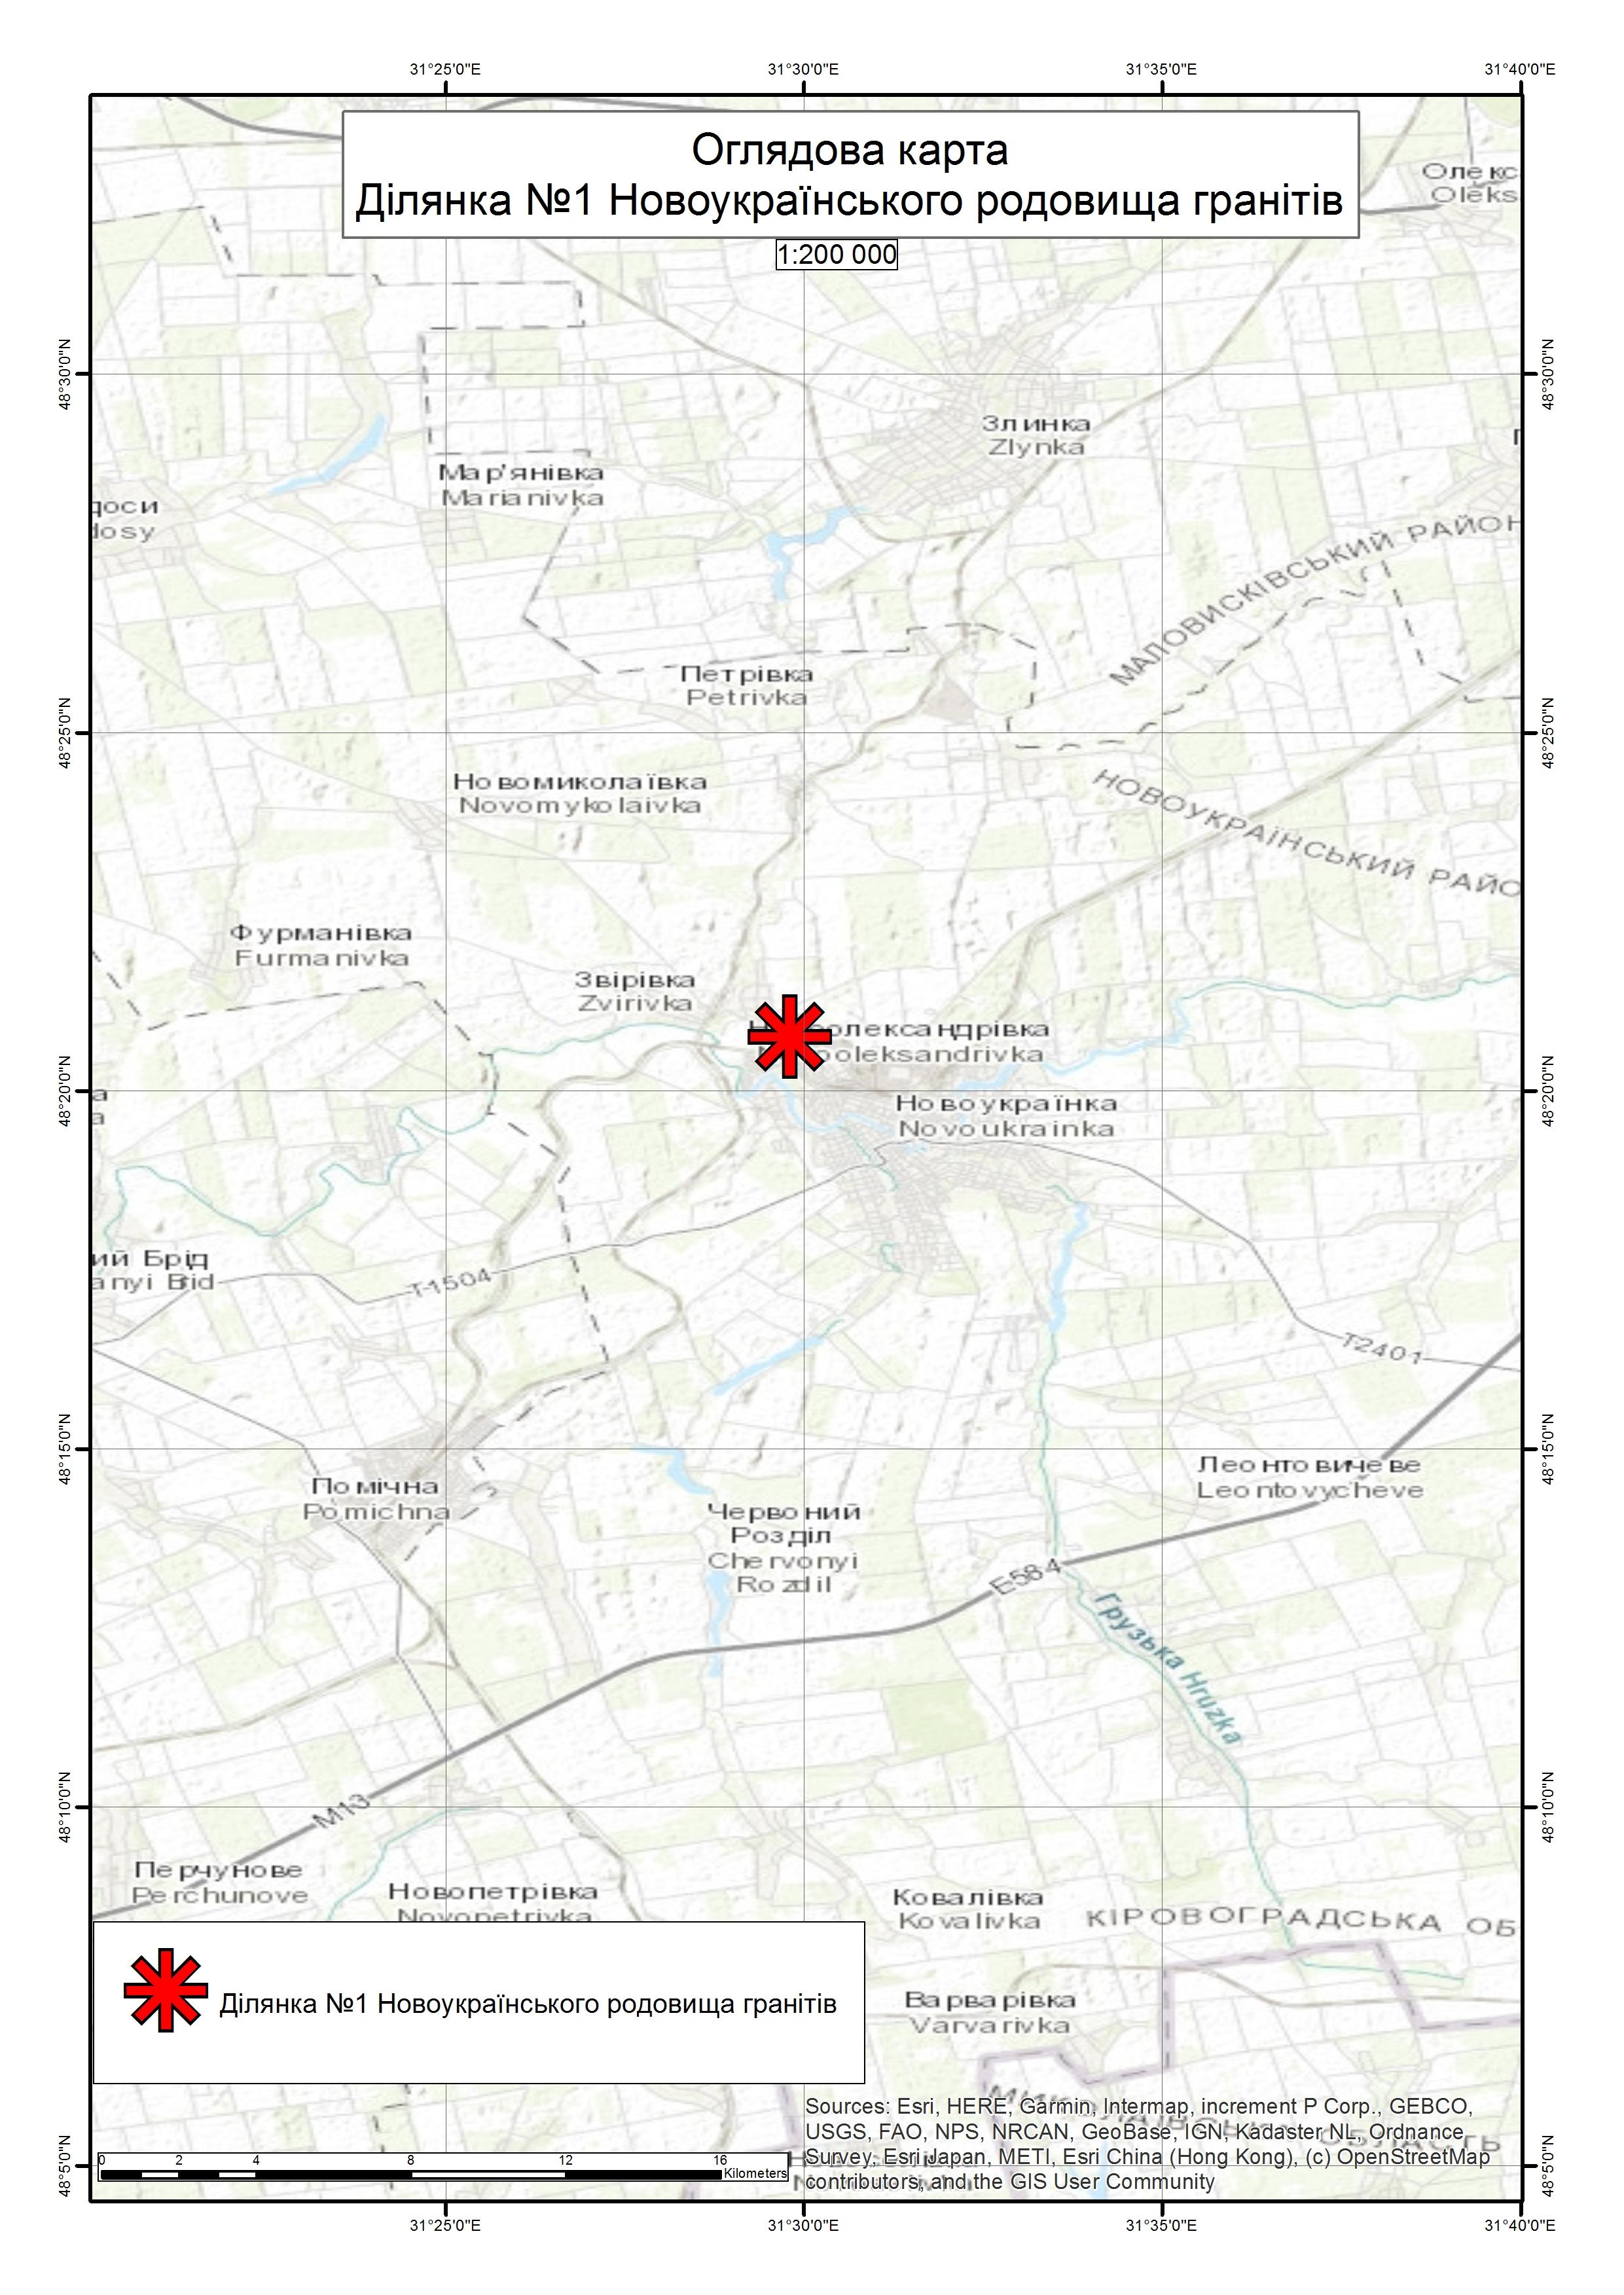 Спеціальний дозвіл на користування надрами – Ділянка № 1 Новоукраїнського родовища. Вартість геологічної інформації – 1 081 671,77 грн (з ПДВ). Вартість пакету аукціонної документації – 72 550 грн (з ПДВ).